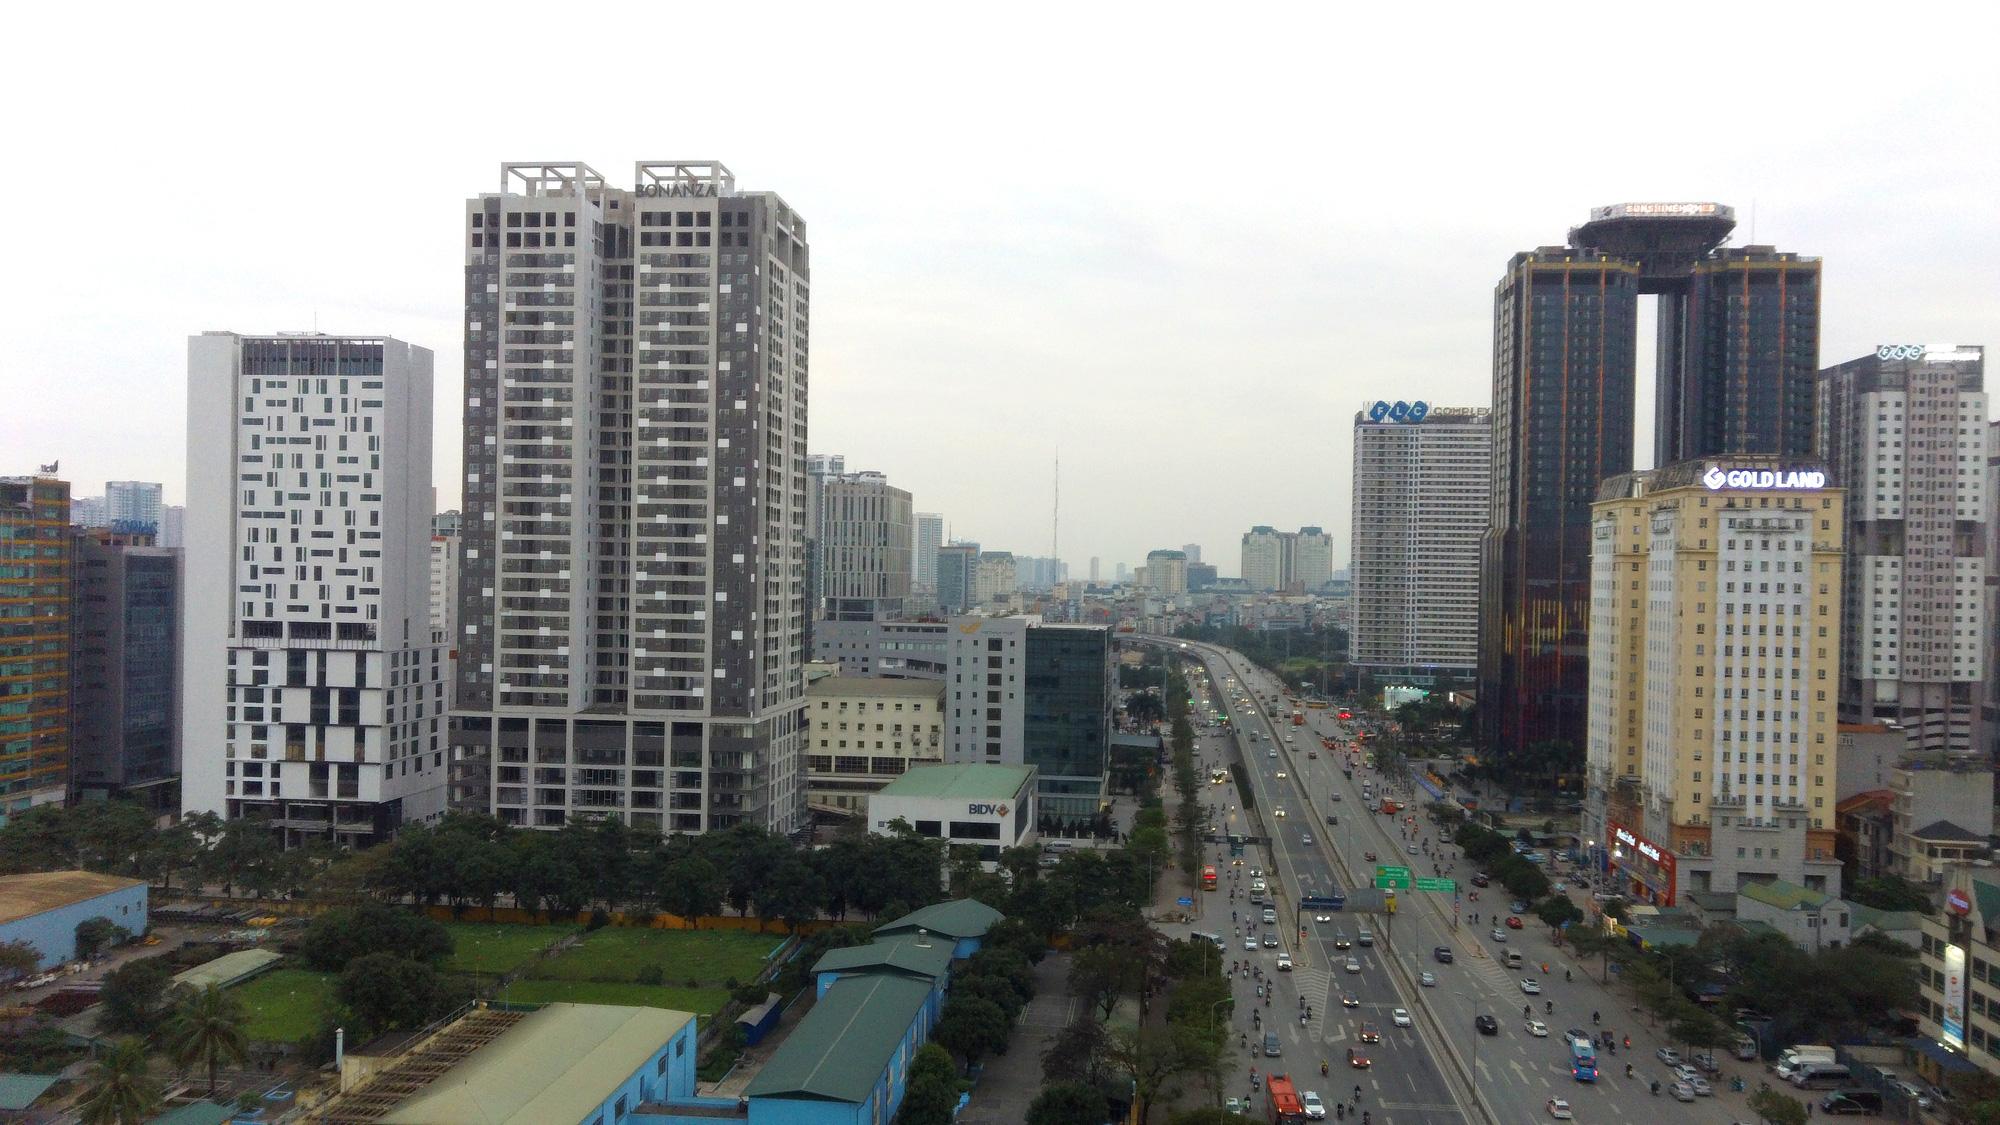 Dự án Dreamland Bonanza đang mở bán: Toà chung cư hiếm hoi ở 'khu phố Wall' của Việt Nam - Ảnh 6.